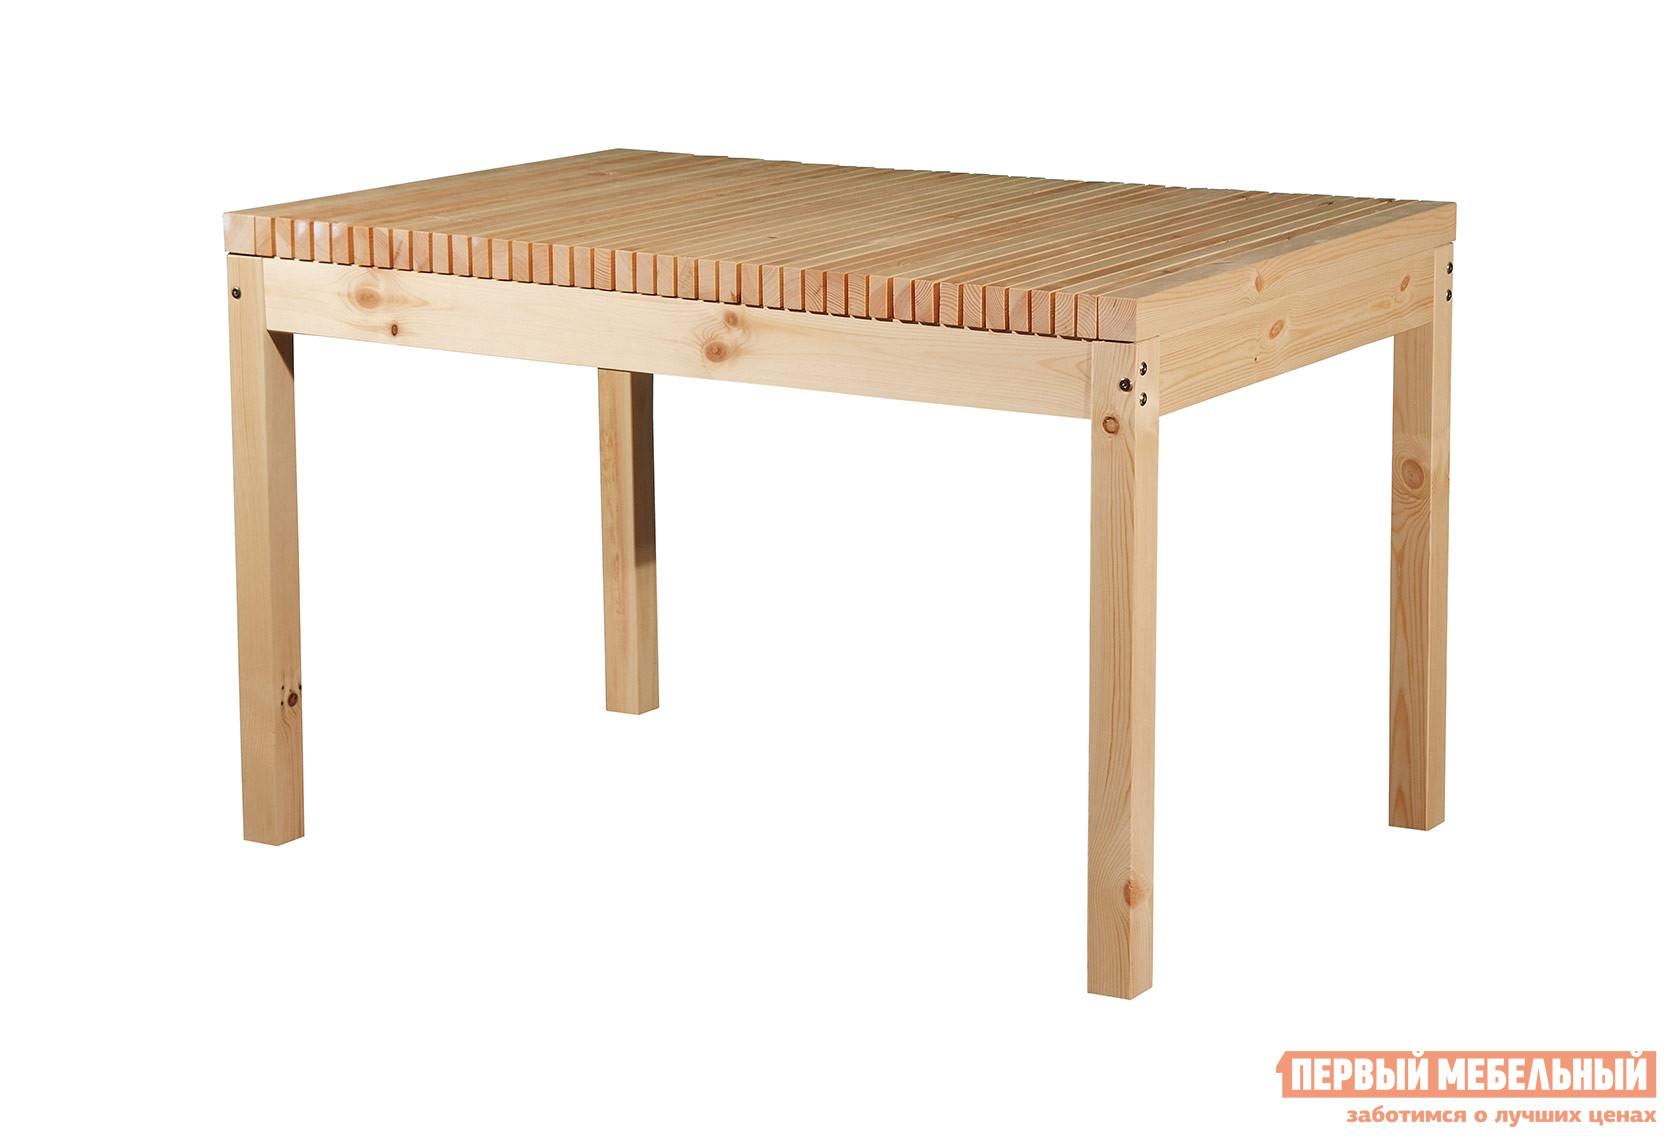 Обеденный стол из сосны для дачи Timberica Стол Лахти